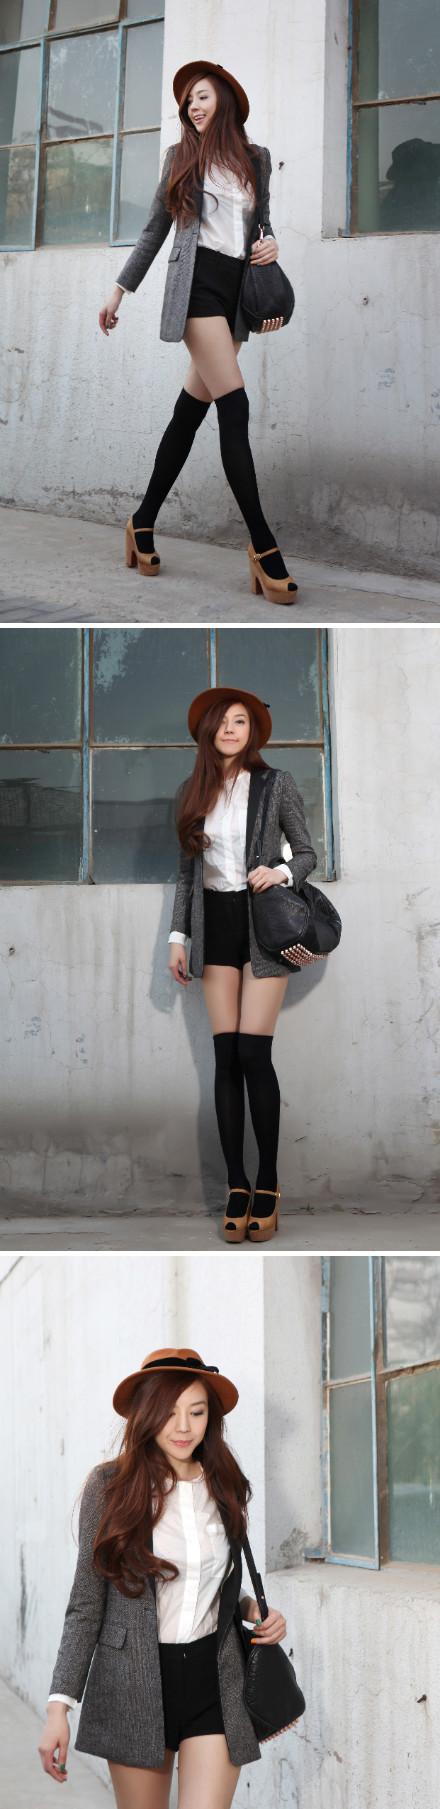 Zhou_Wei_Tong_11__2_